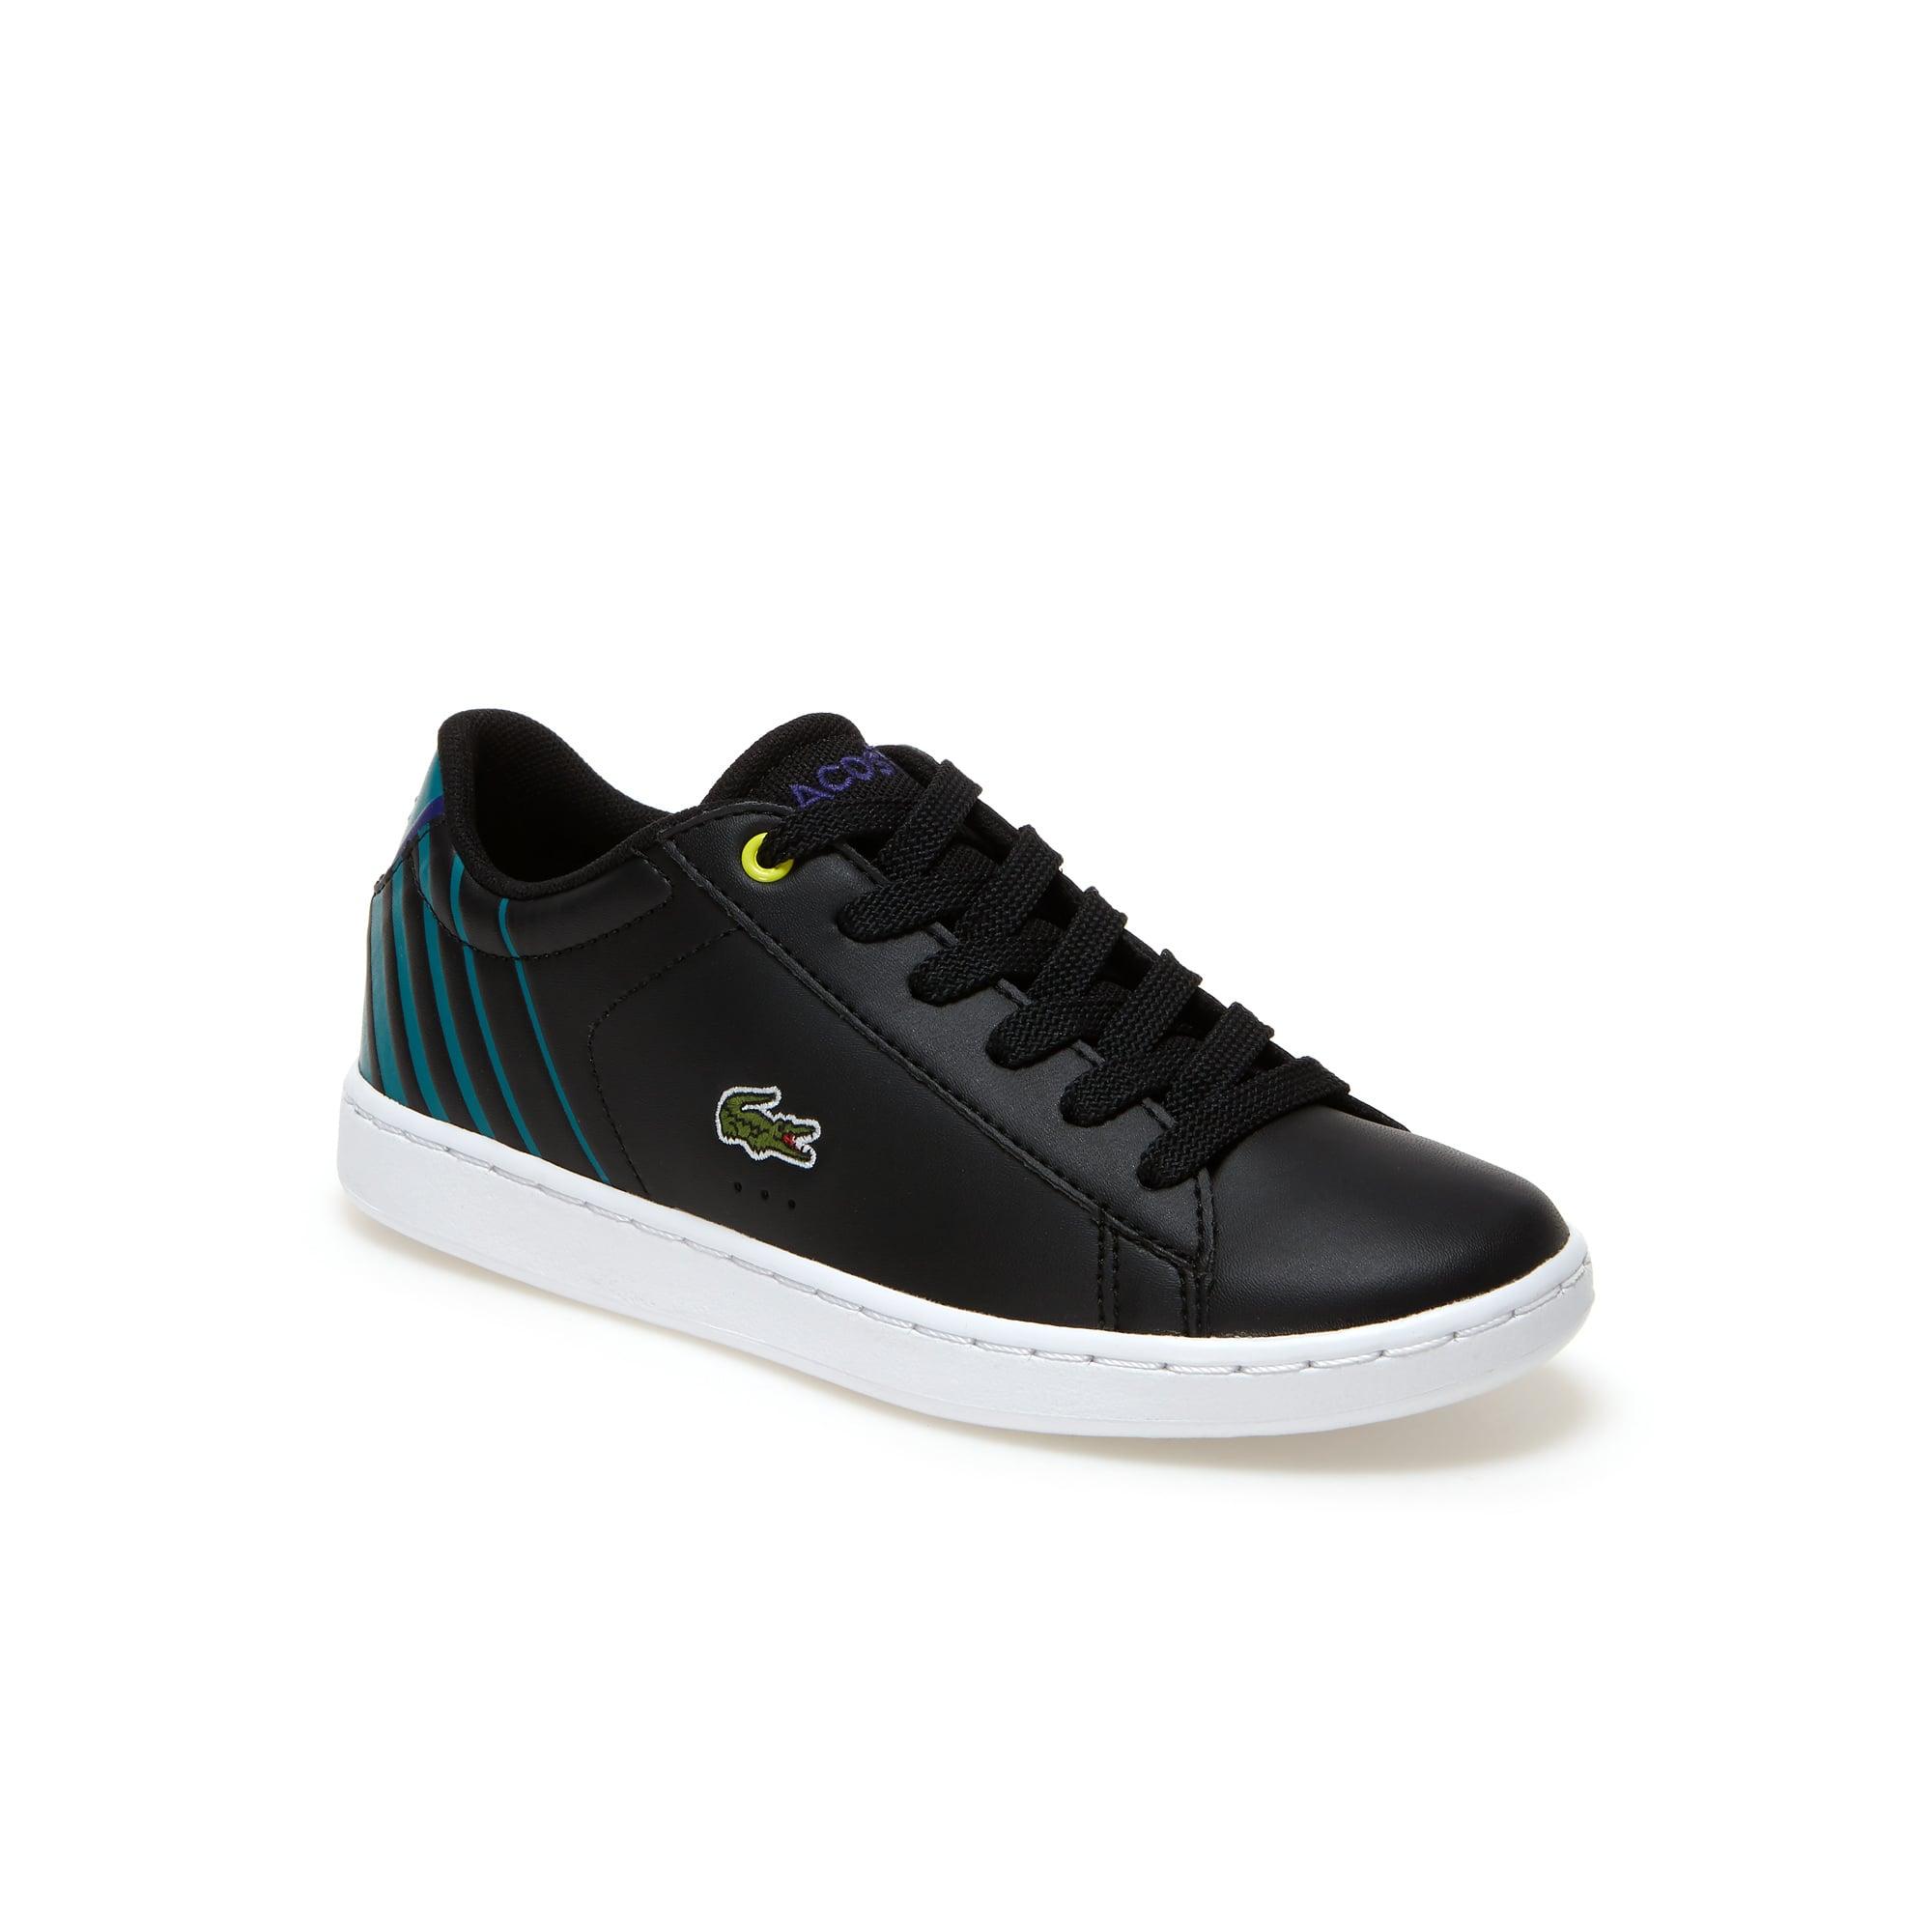 Sneakers Enfant Carnaby Evo en simili-cuir et résille respirante